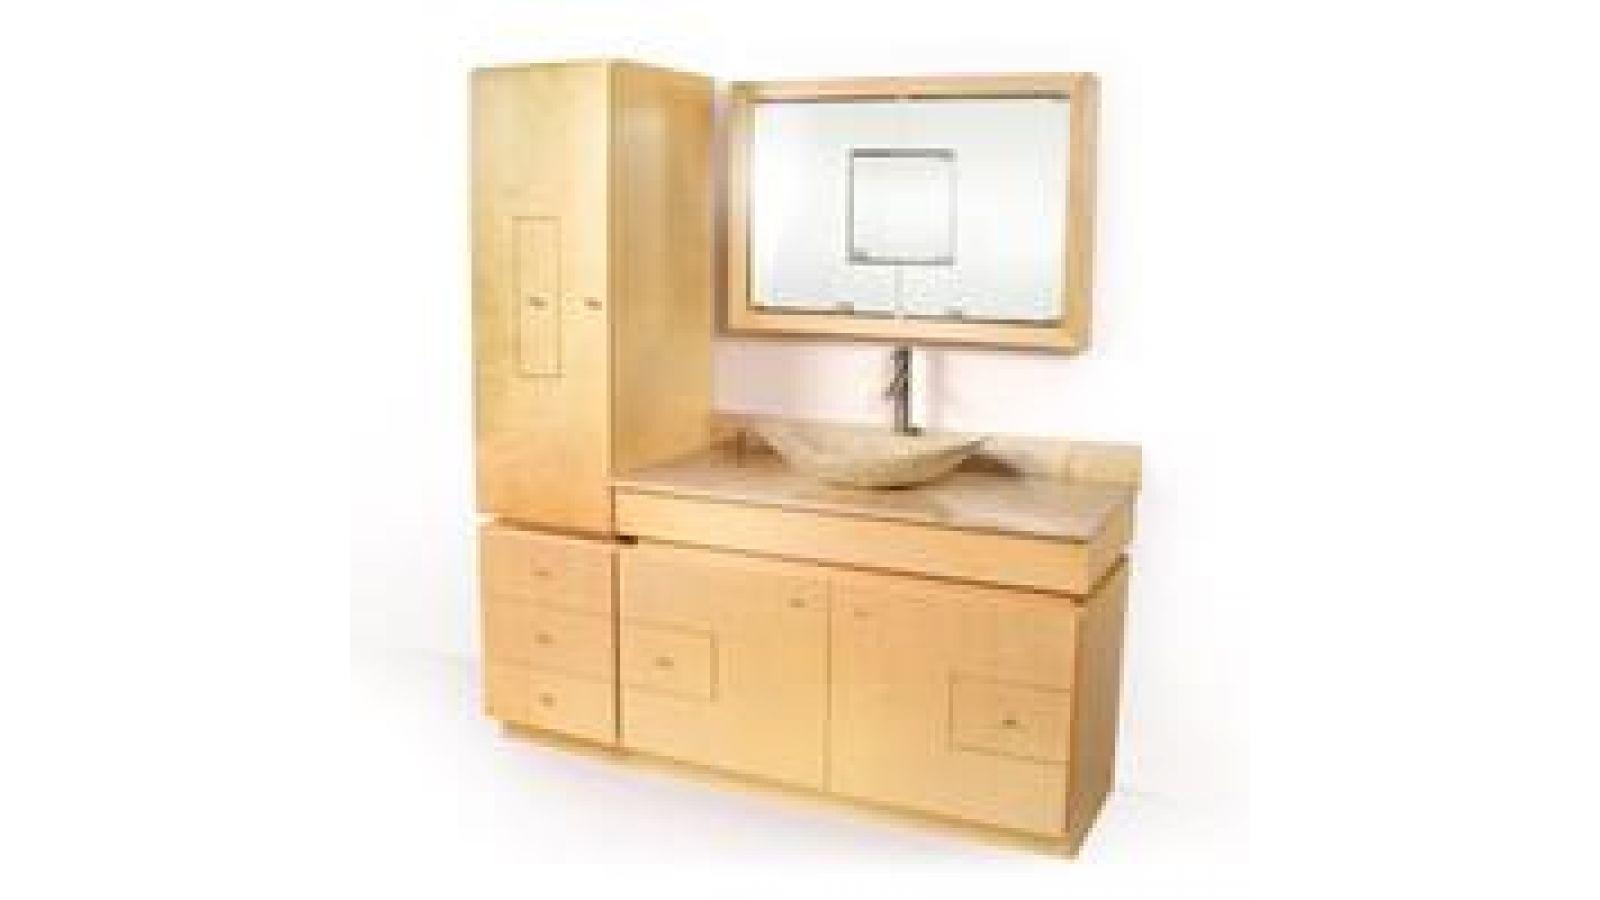 D'Vontz MDV Modular Cabinets